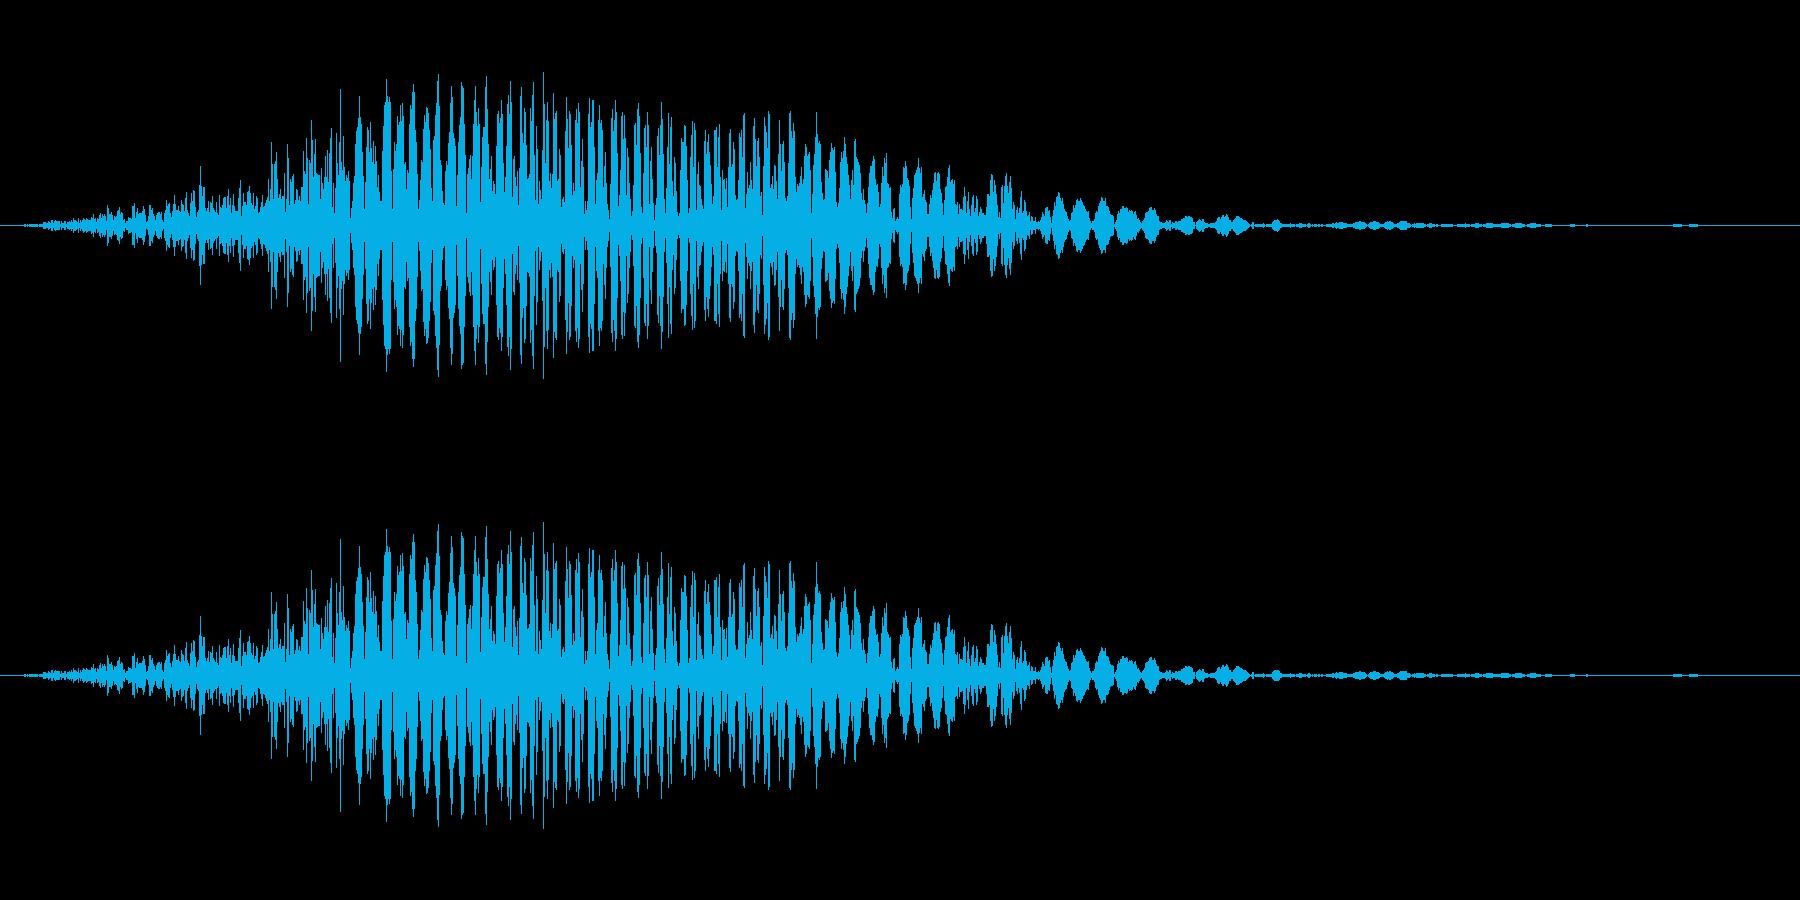 「ふっ」格闘ゲームなどのシステムボイスにの再生済みの波形